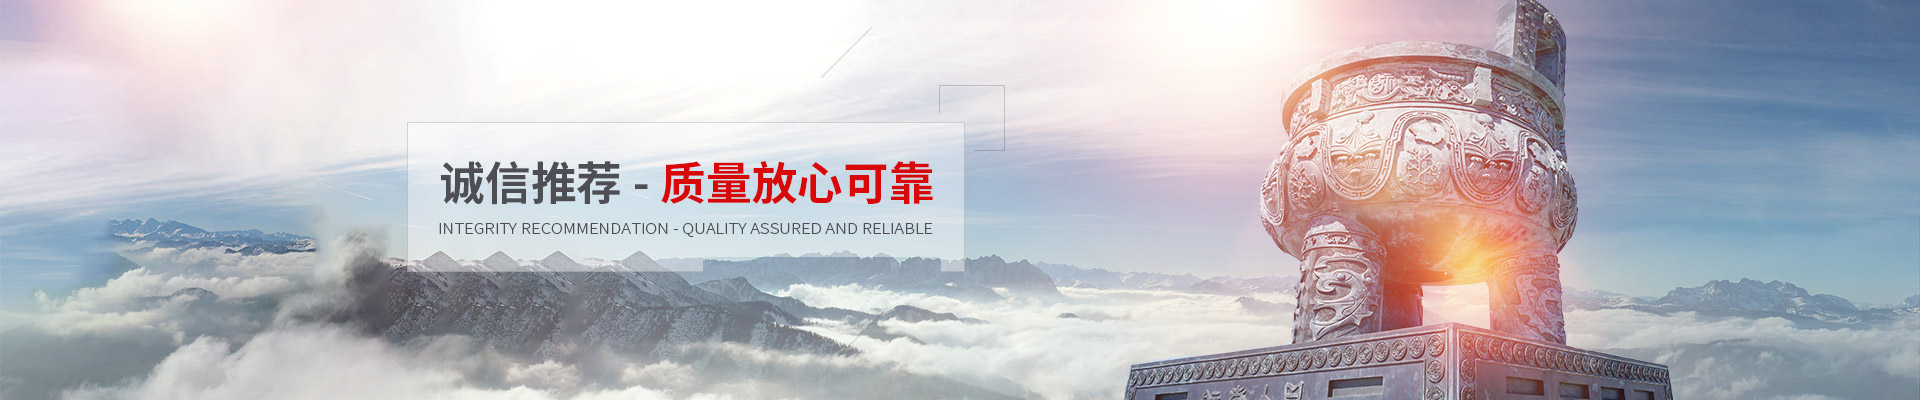 廣西特色服務職業培訓哪家好「上海財才網信息科技有限公司」